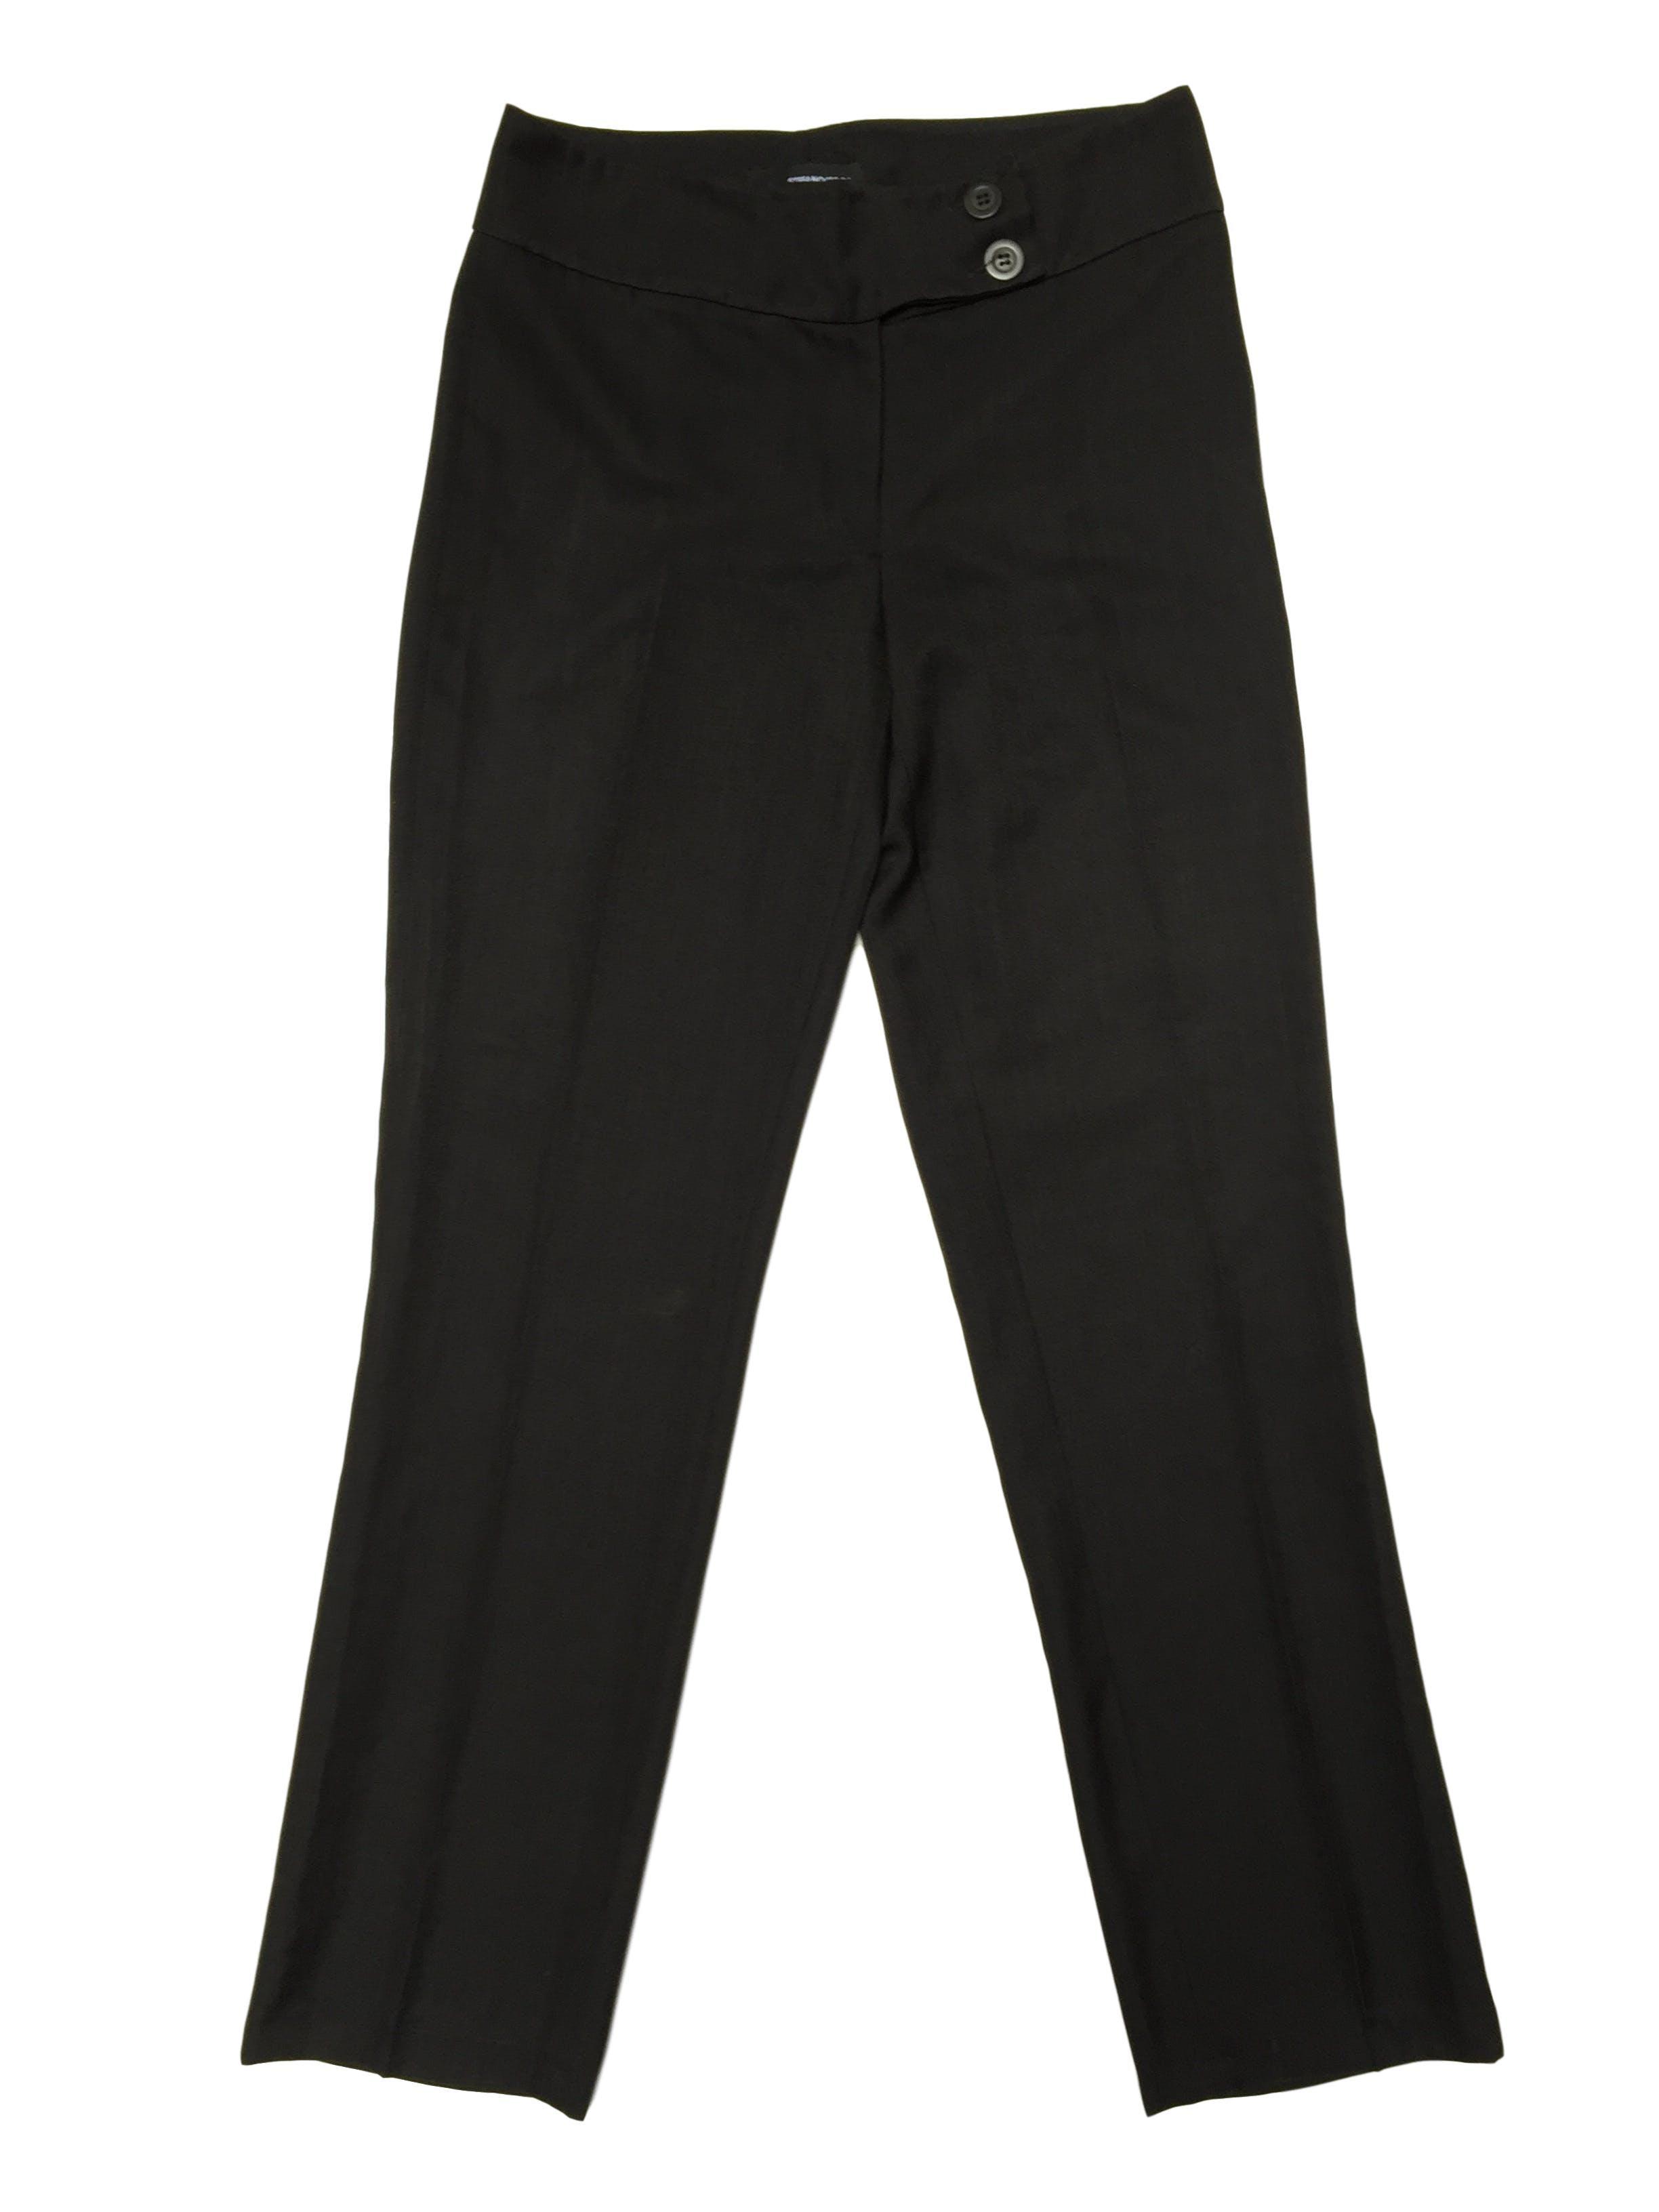 Pantalón gris tipo lanilla a la cintura, forrado, corte recto, con doble botón en la pretina. Cintura 82cm Cadera 106cm